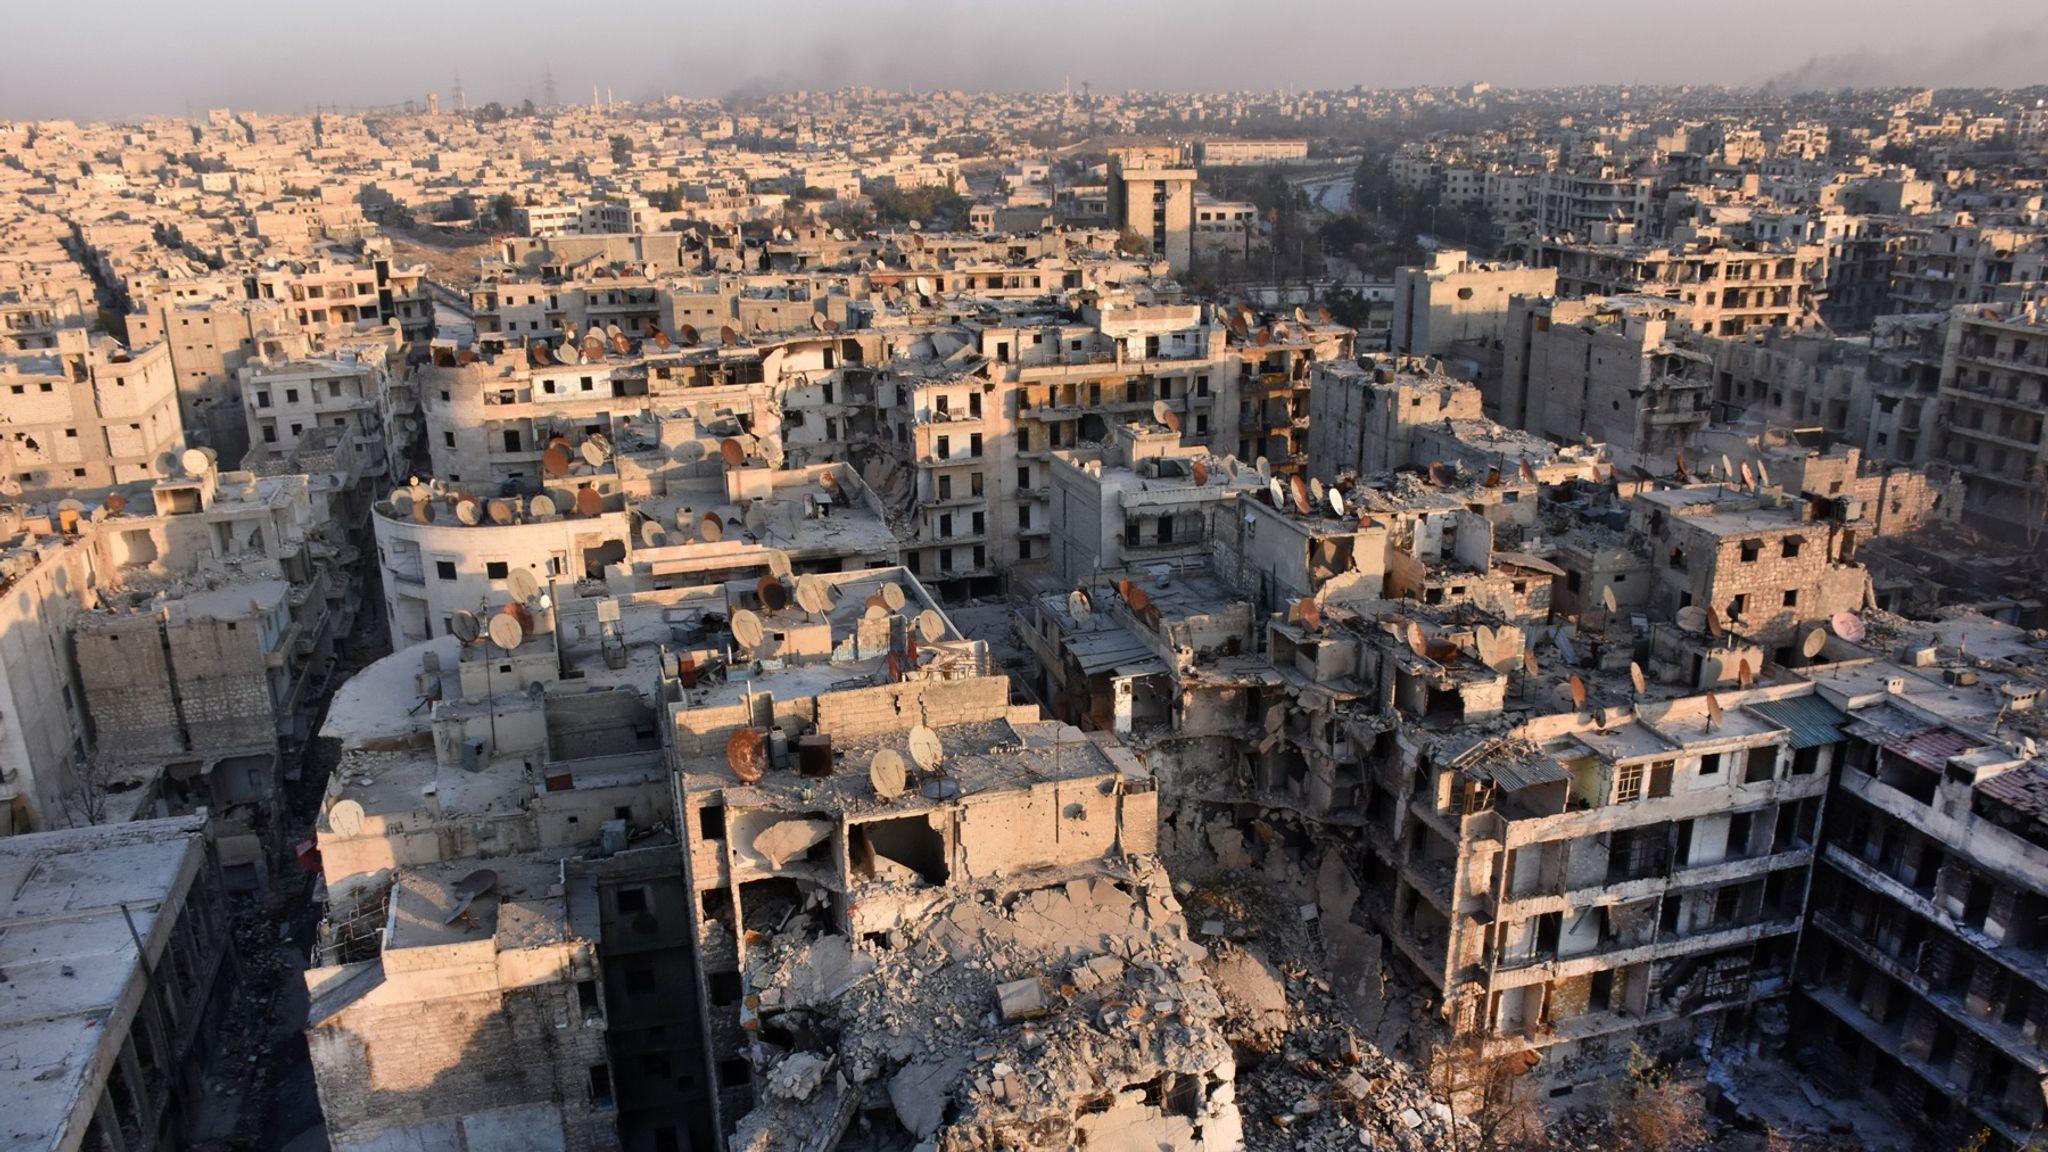 В Сирии многие пережившие войну не относятся серьезно к карантинным мерам, введенным из-за опасности эпидемии коронавируса